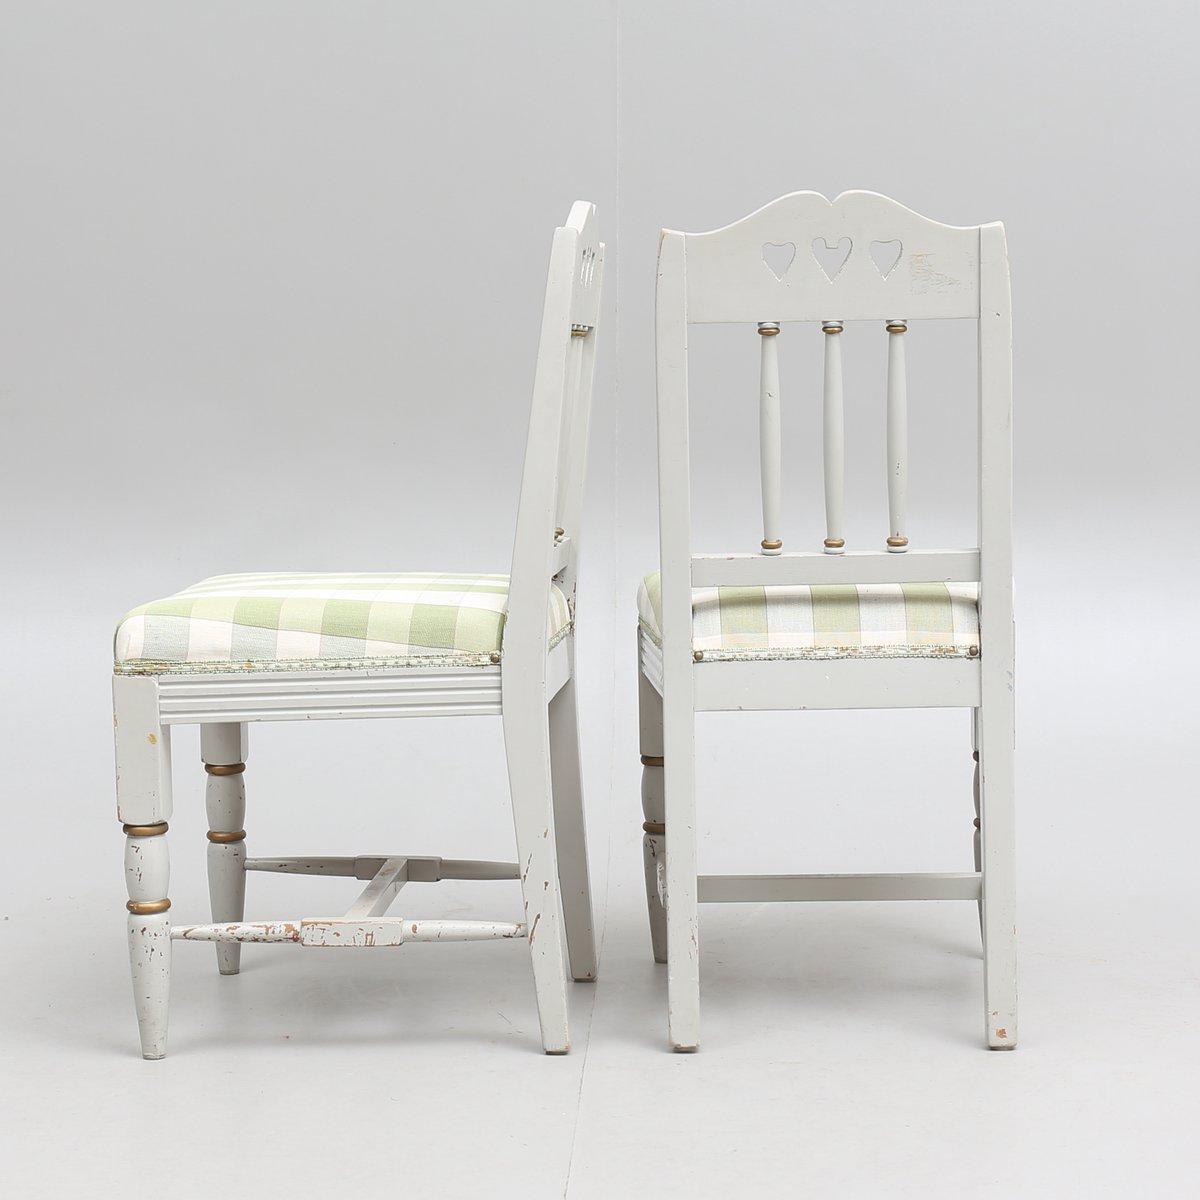 Tavolo e sedie antichi in stile gustaviano, set di 3 in vendita su ...